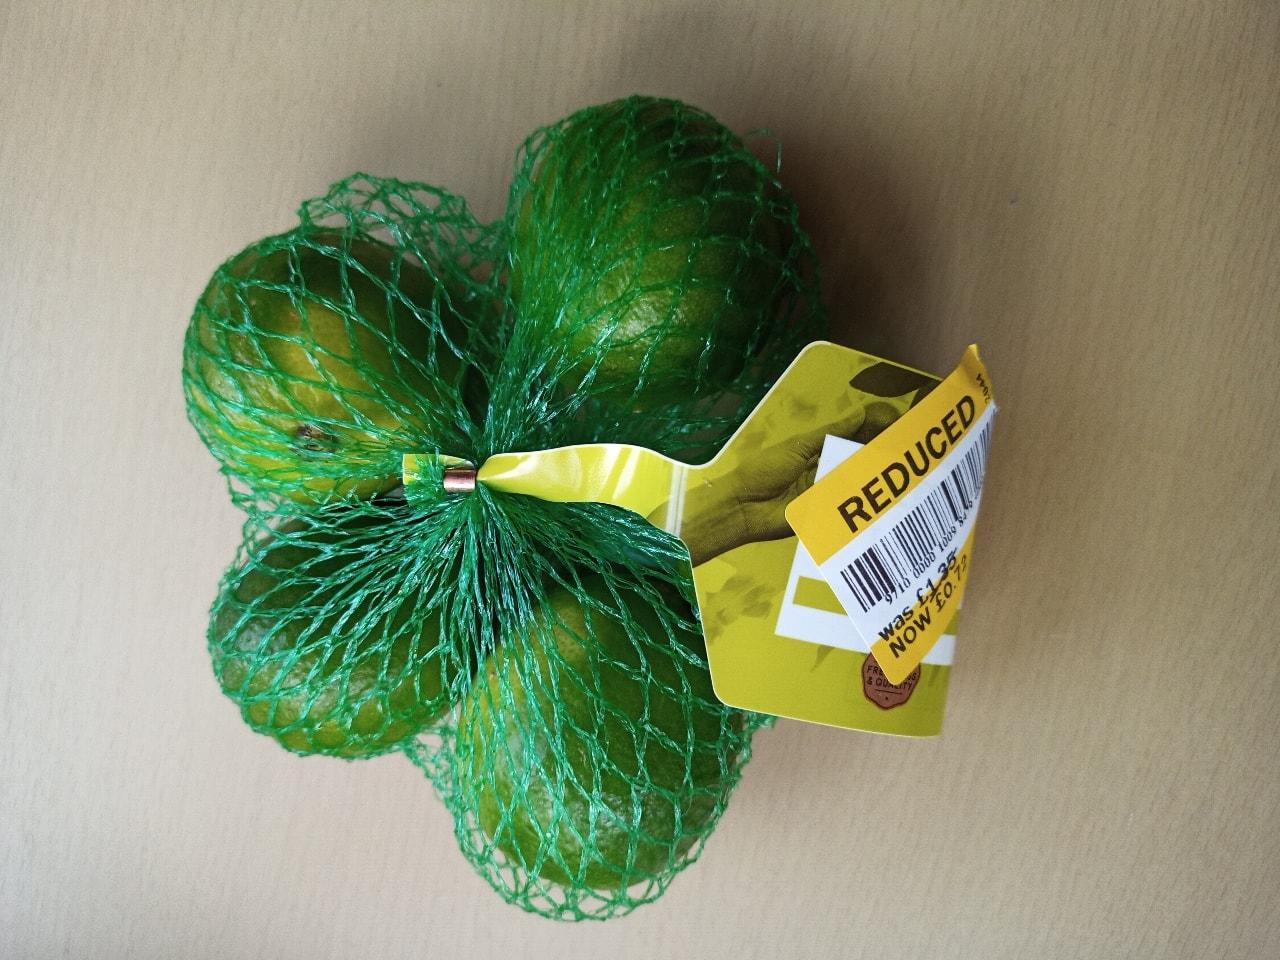 Bag of limes